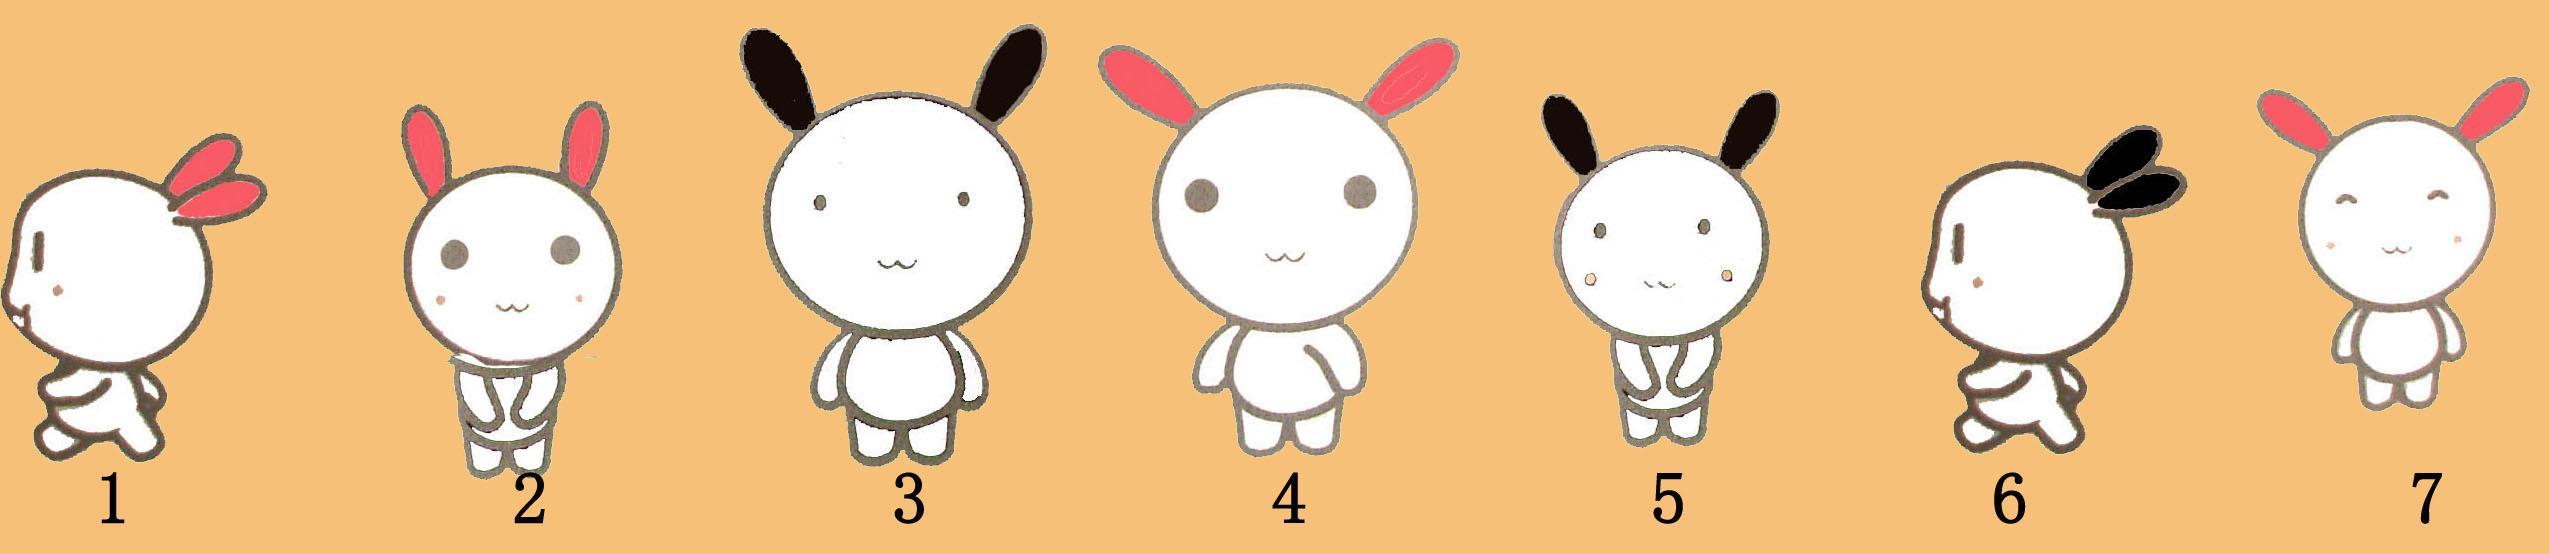 7只可爱的小兔子造了